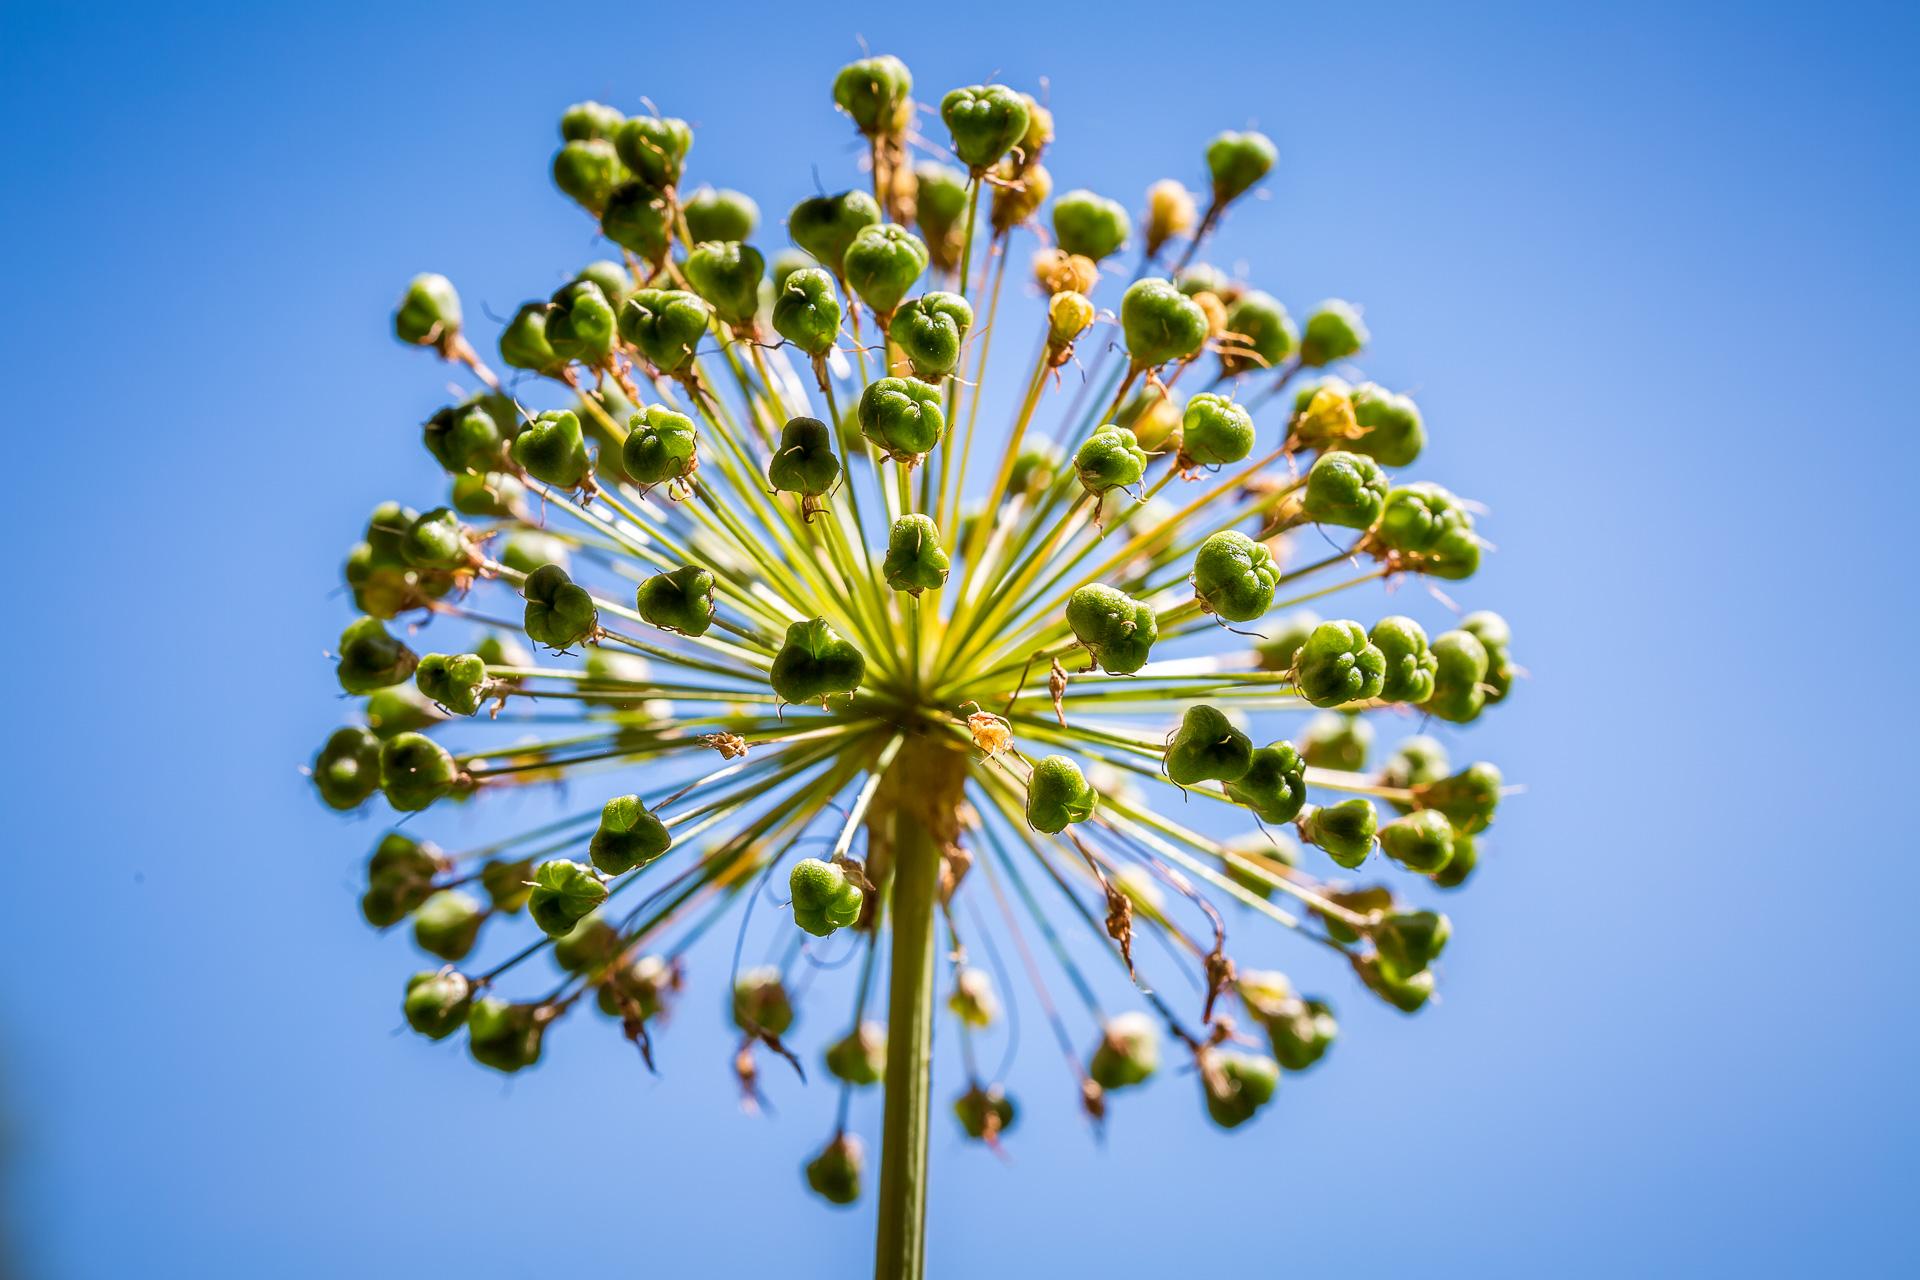 flowers macro blue sky